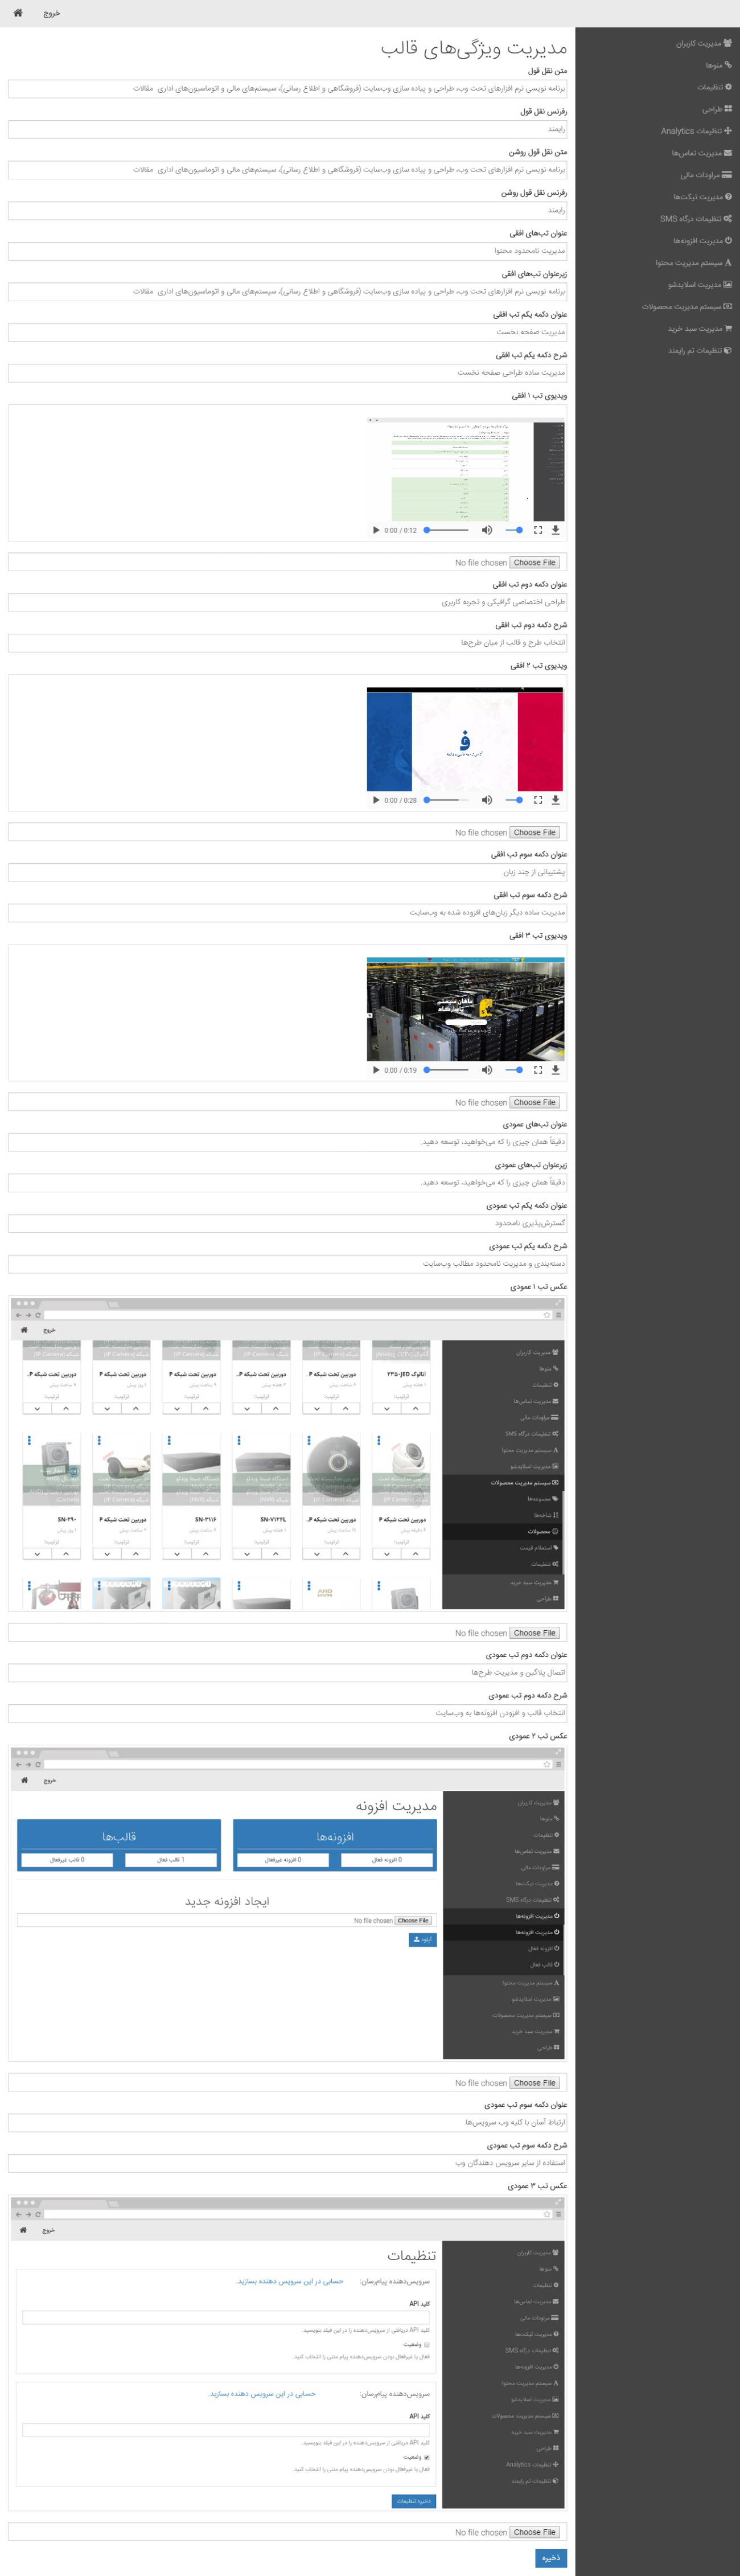 طراحی تمپلیت اختصاصی، سیستم مدیریت محتوای پیشه ور، ui&ux